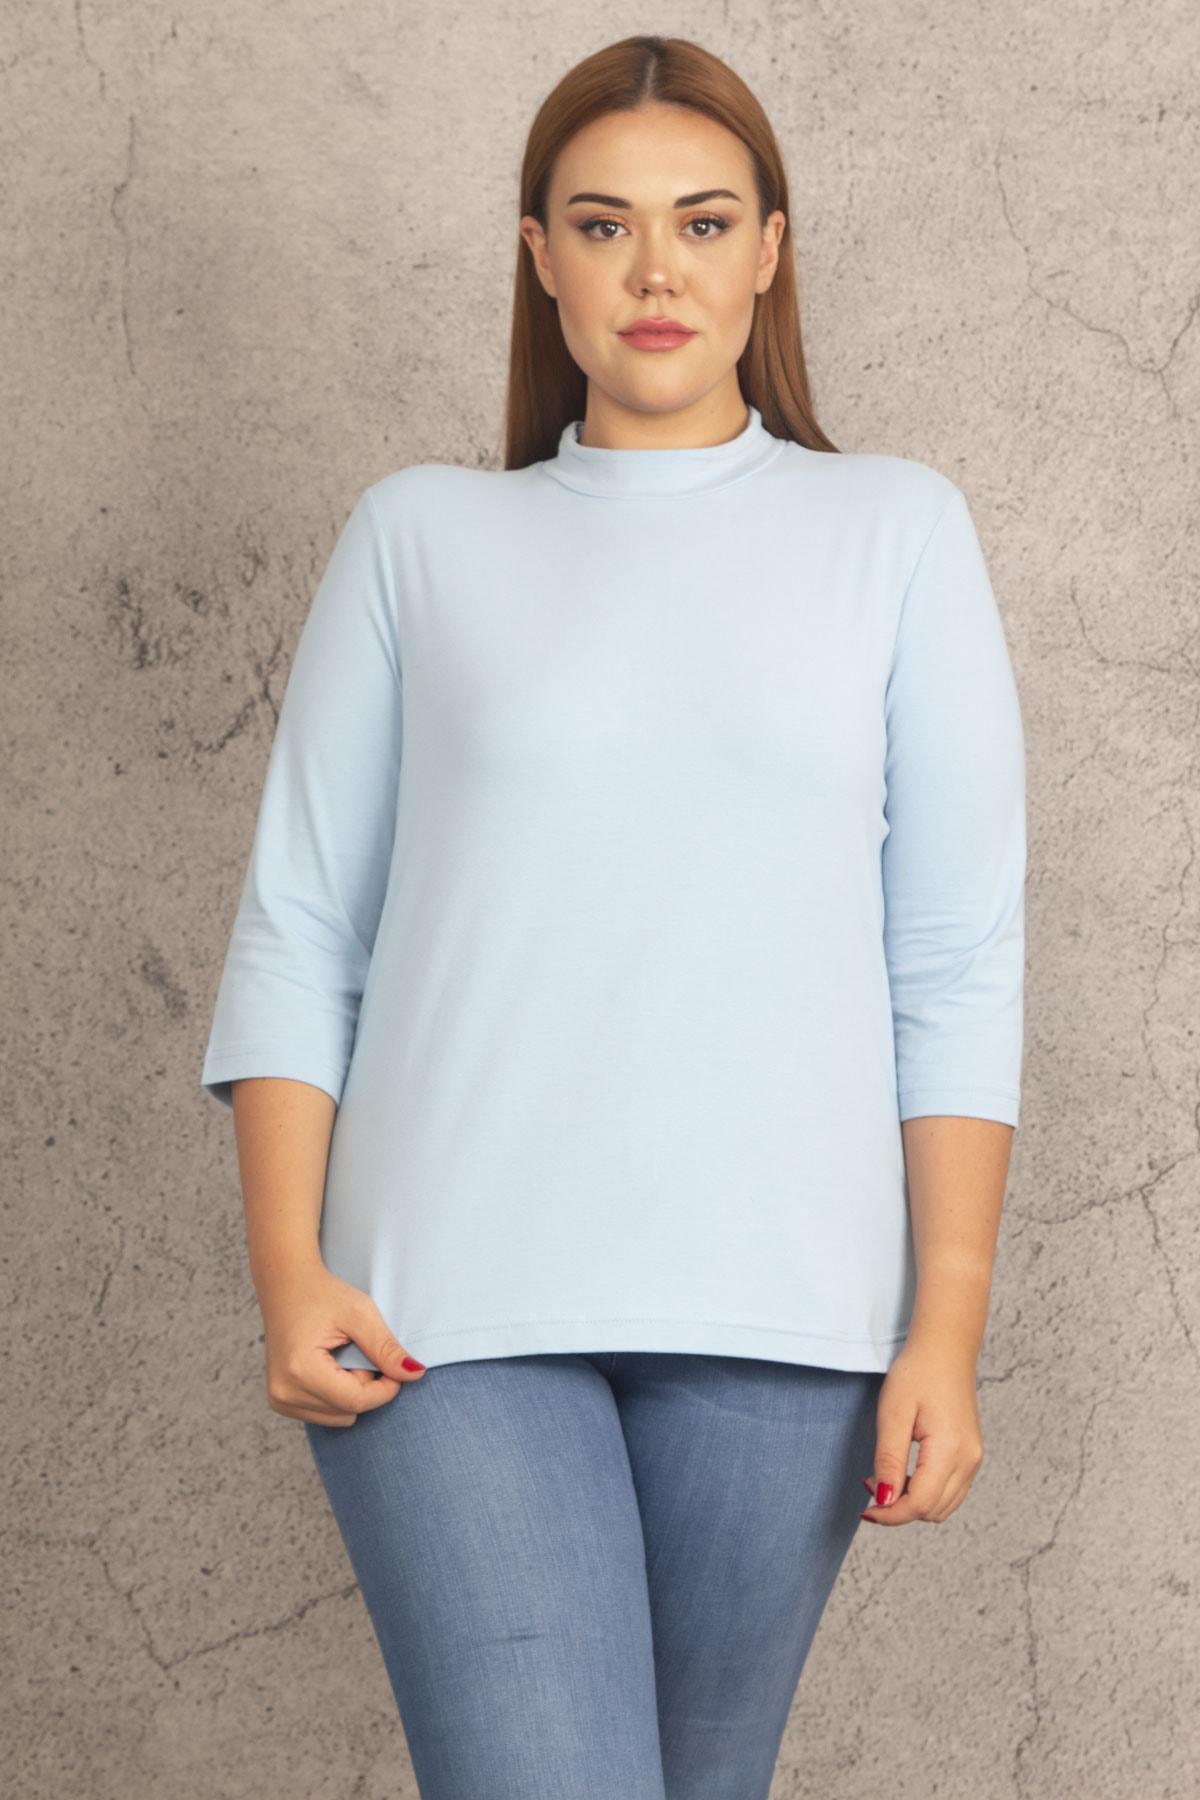 Şans Kadın Mavi Pamuklu Kumaş Balıkçı Yaka Bluz 65N19764 1